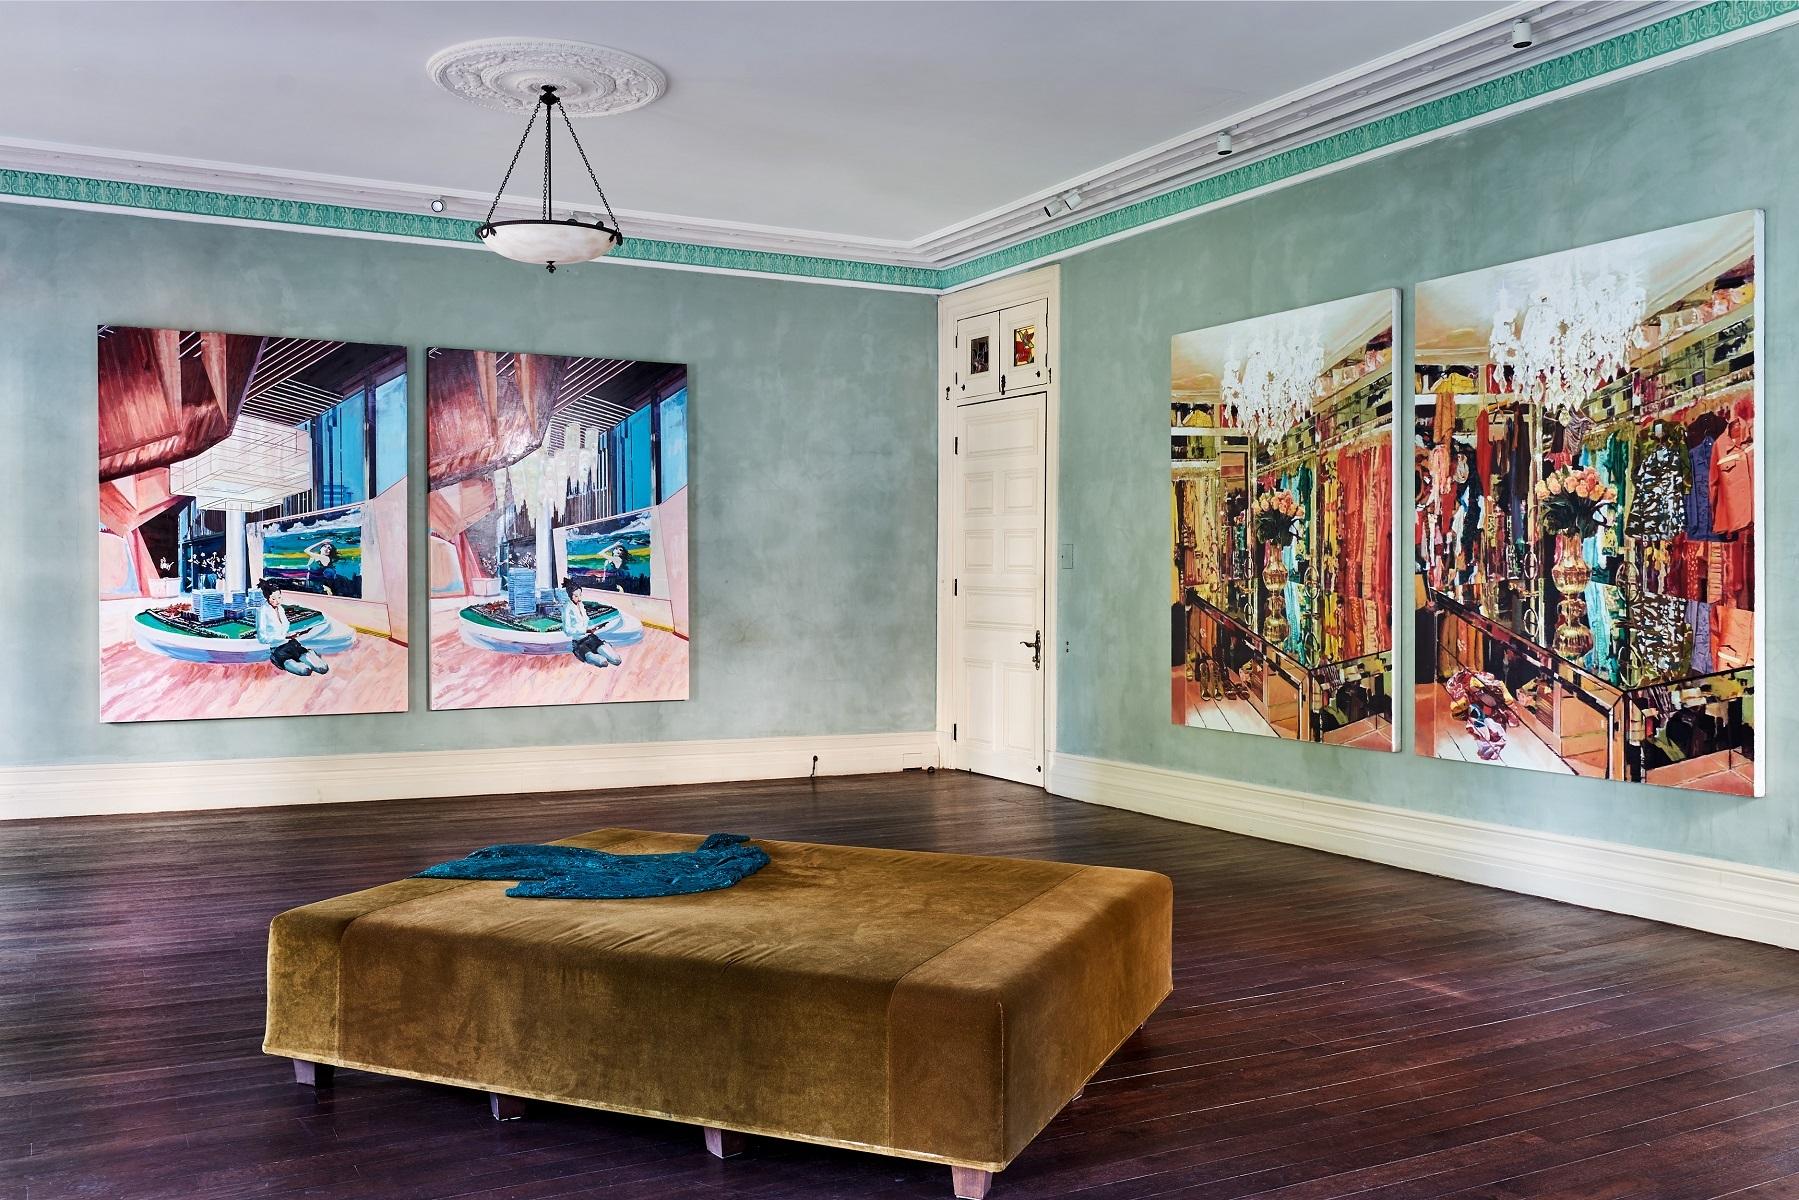 上海 Prada 榮宅舉辦藝術家李青展覽「後窗」